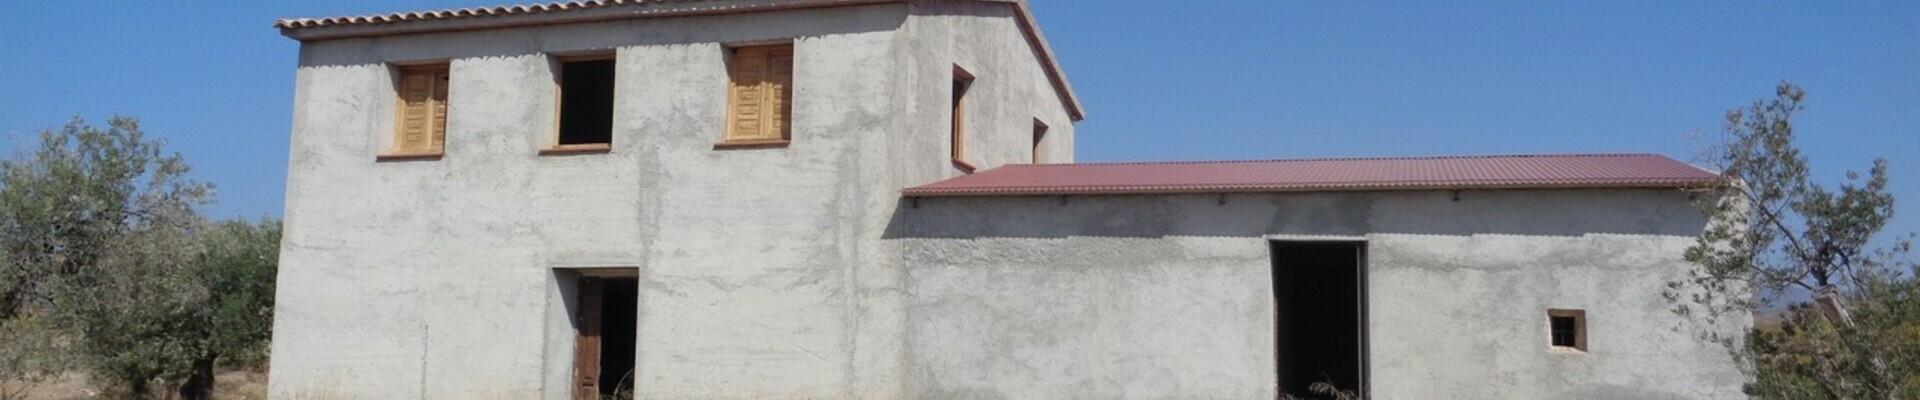 AF709: 3 Bedroom Cortijo for Sale